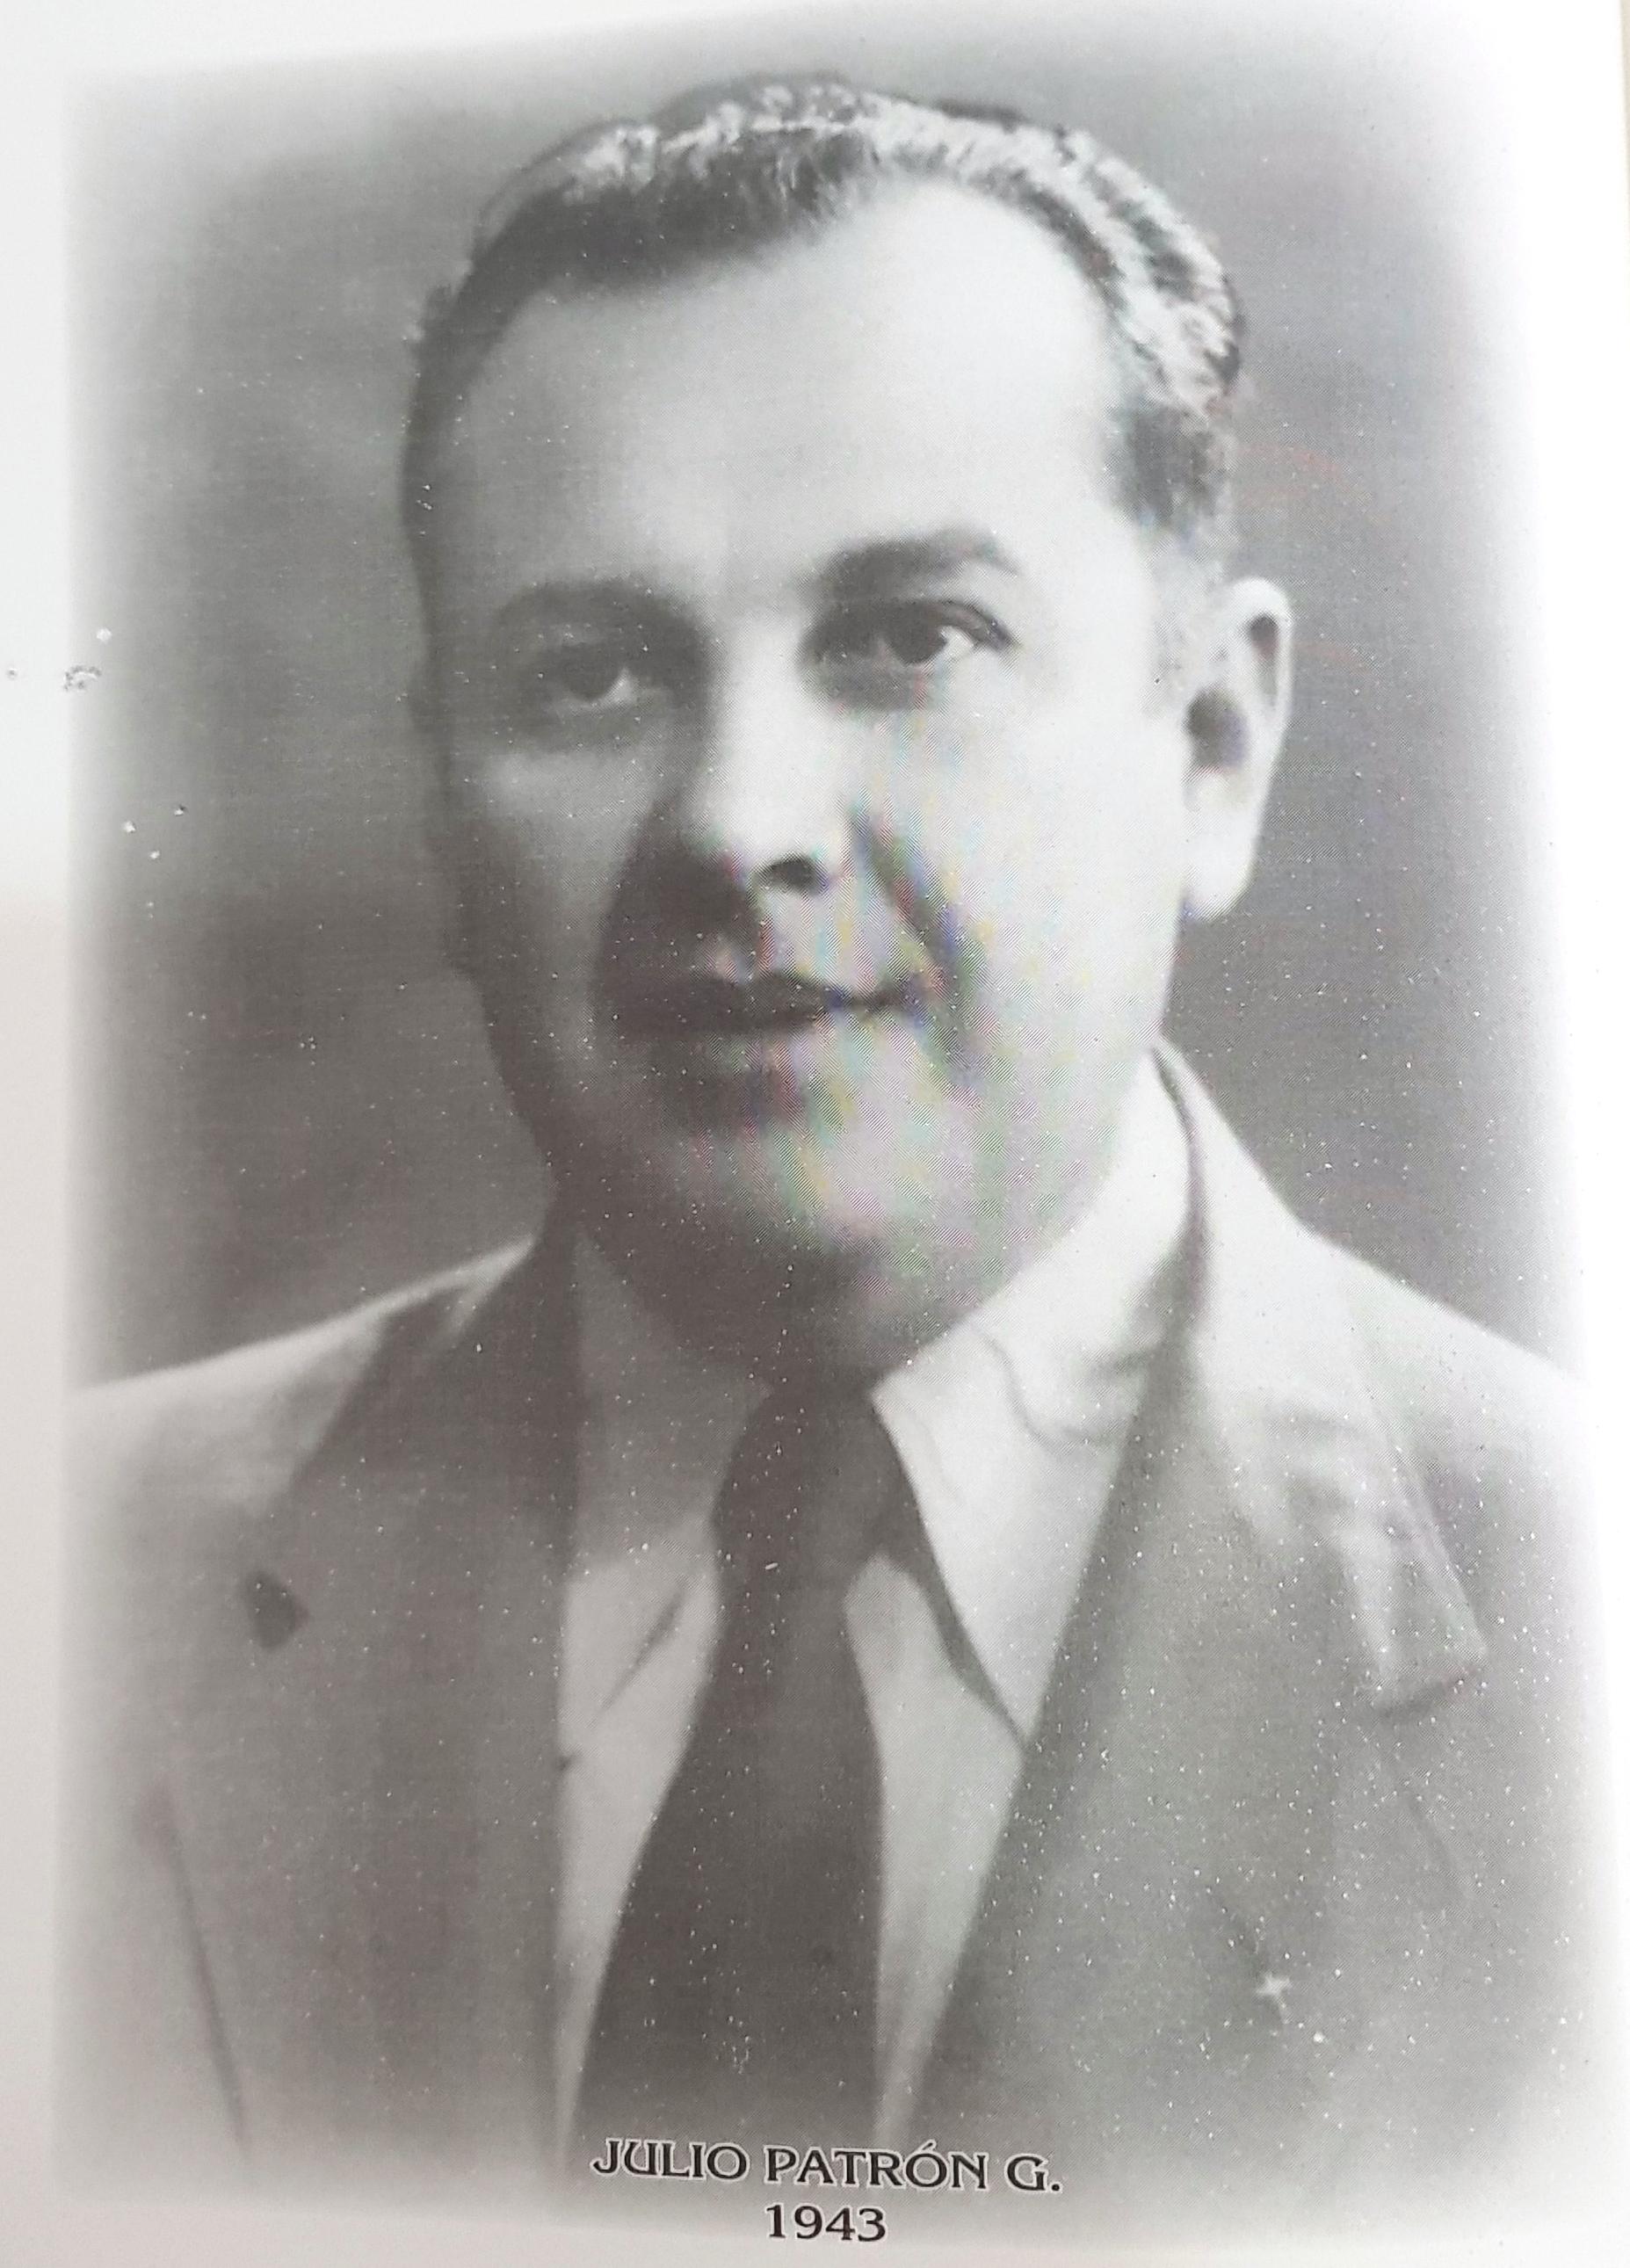 PRESIDENTE DE LA CÁMARA DE COMERCIO DE MÉRIDA SR. JULIO PATRÓN G.